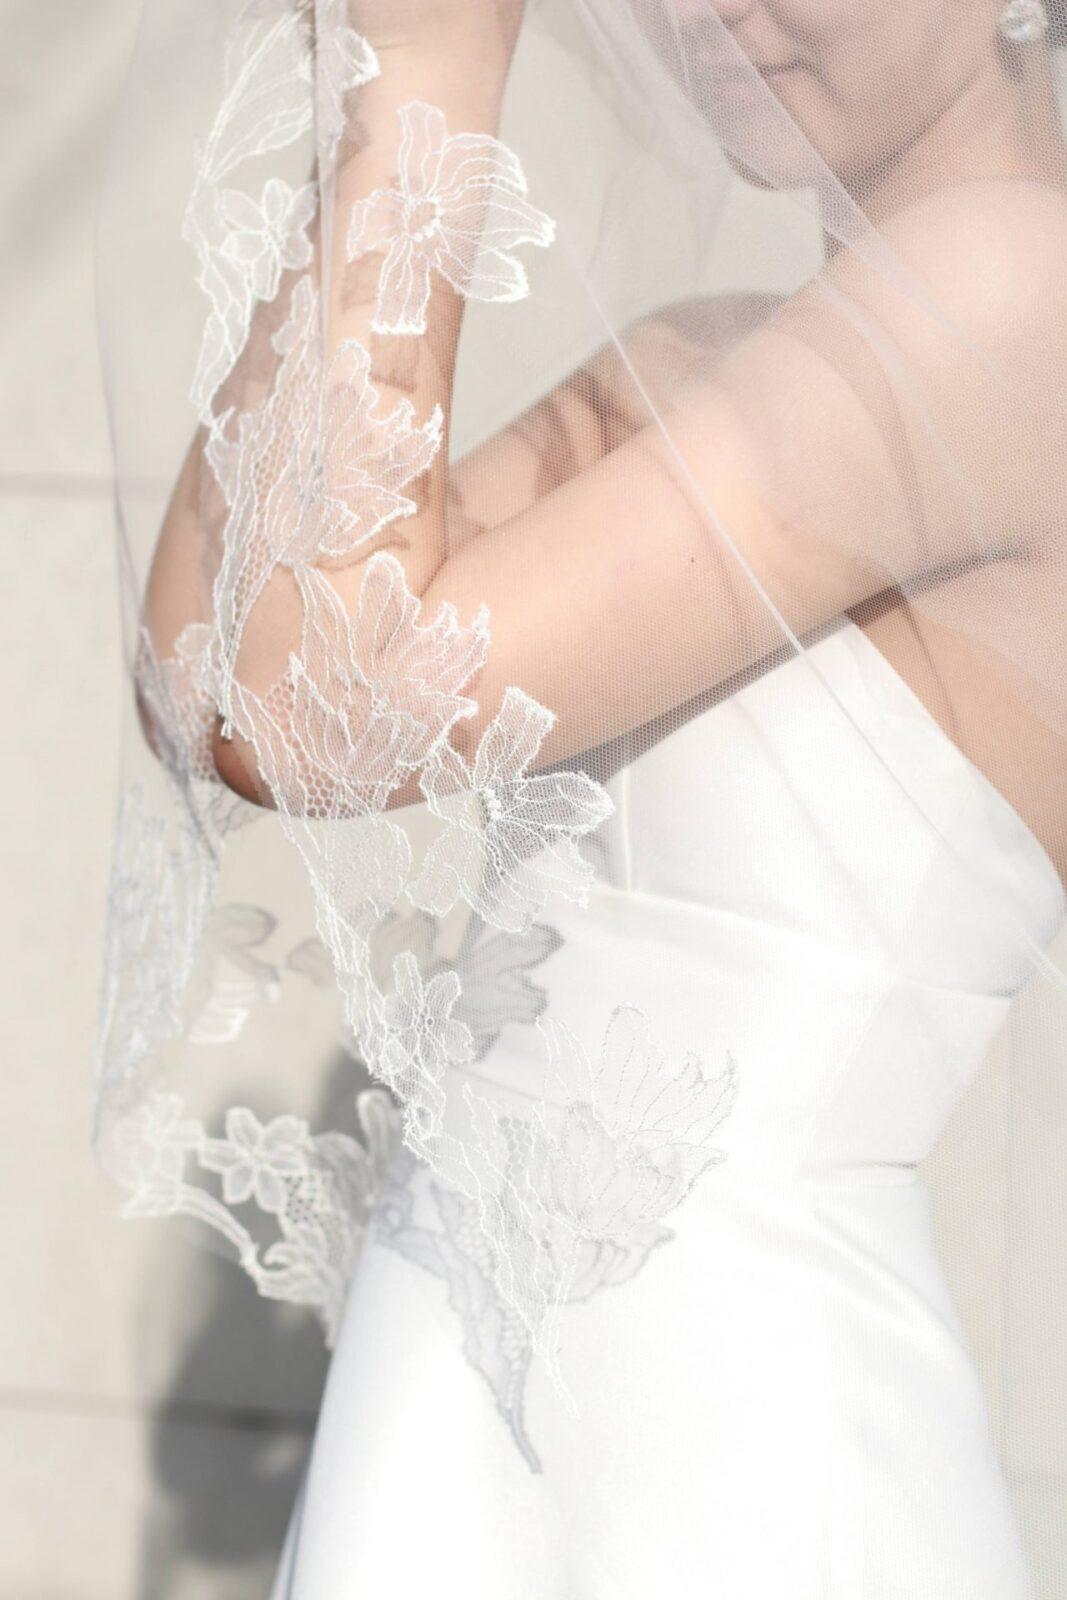 おしゃれ花嫁に人気のトリートドレッシングのアトリエから出たブランド、トリートメゾンで創られたシルクレースを使用したベール